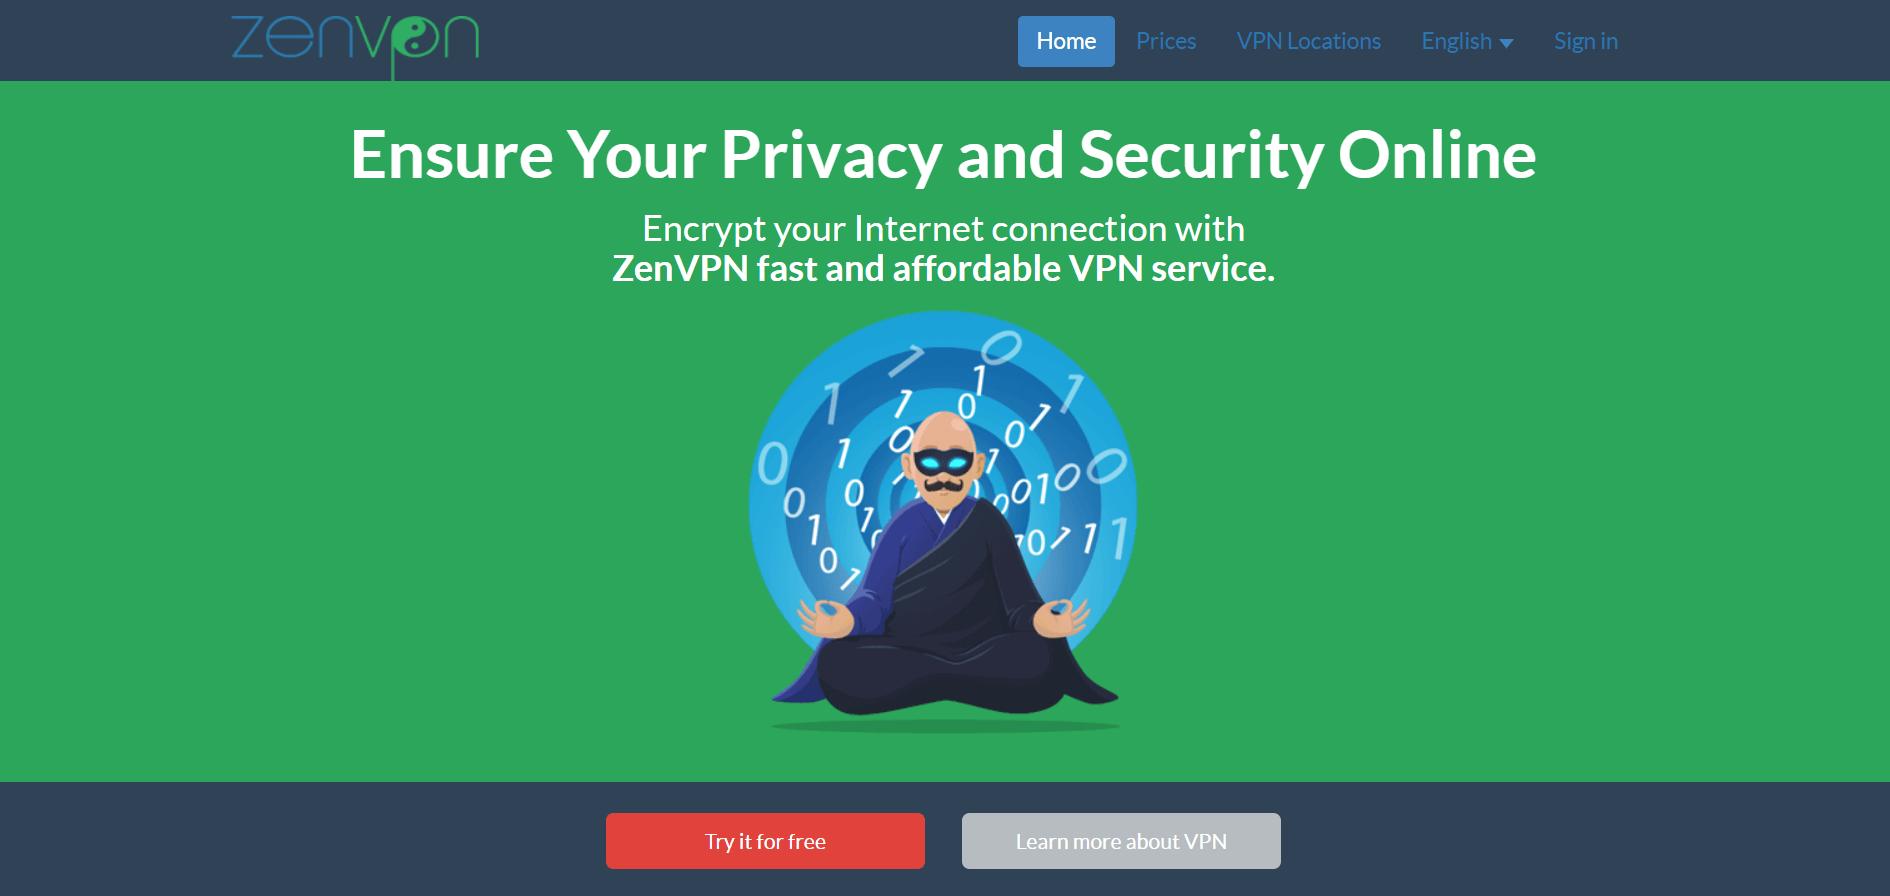 ZenVPN homepage